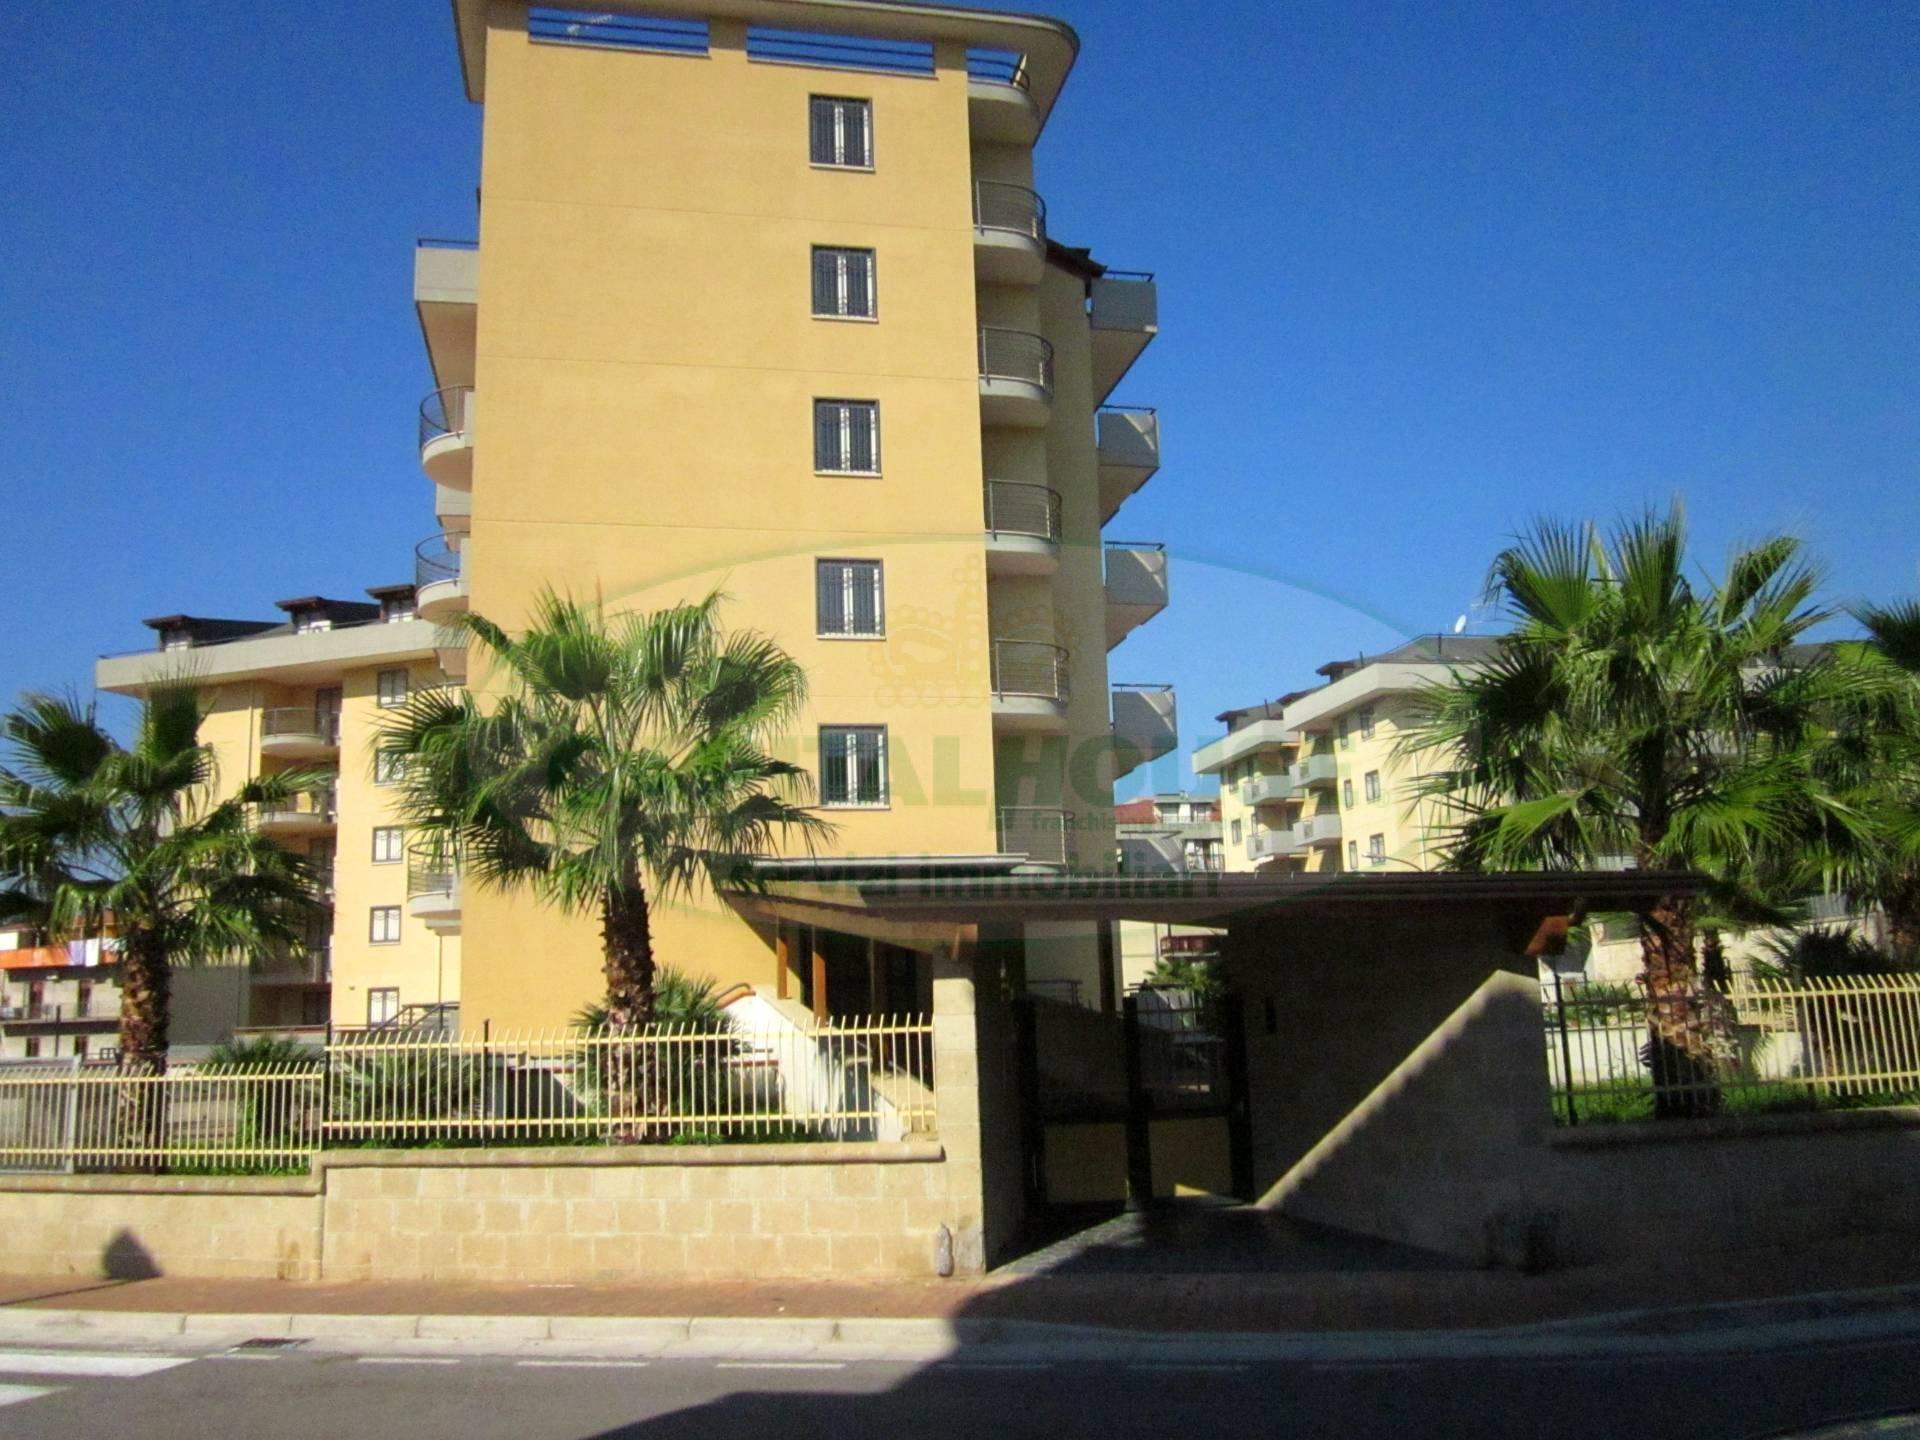 Appartamento in affitto a San Nicola la Strada, 4 locali, zona Località: ExS.Gobain, prezzo € 900 | CambioCasa.it